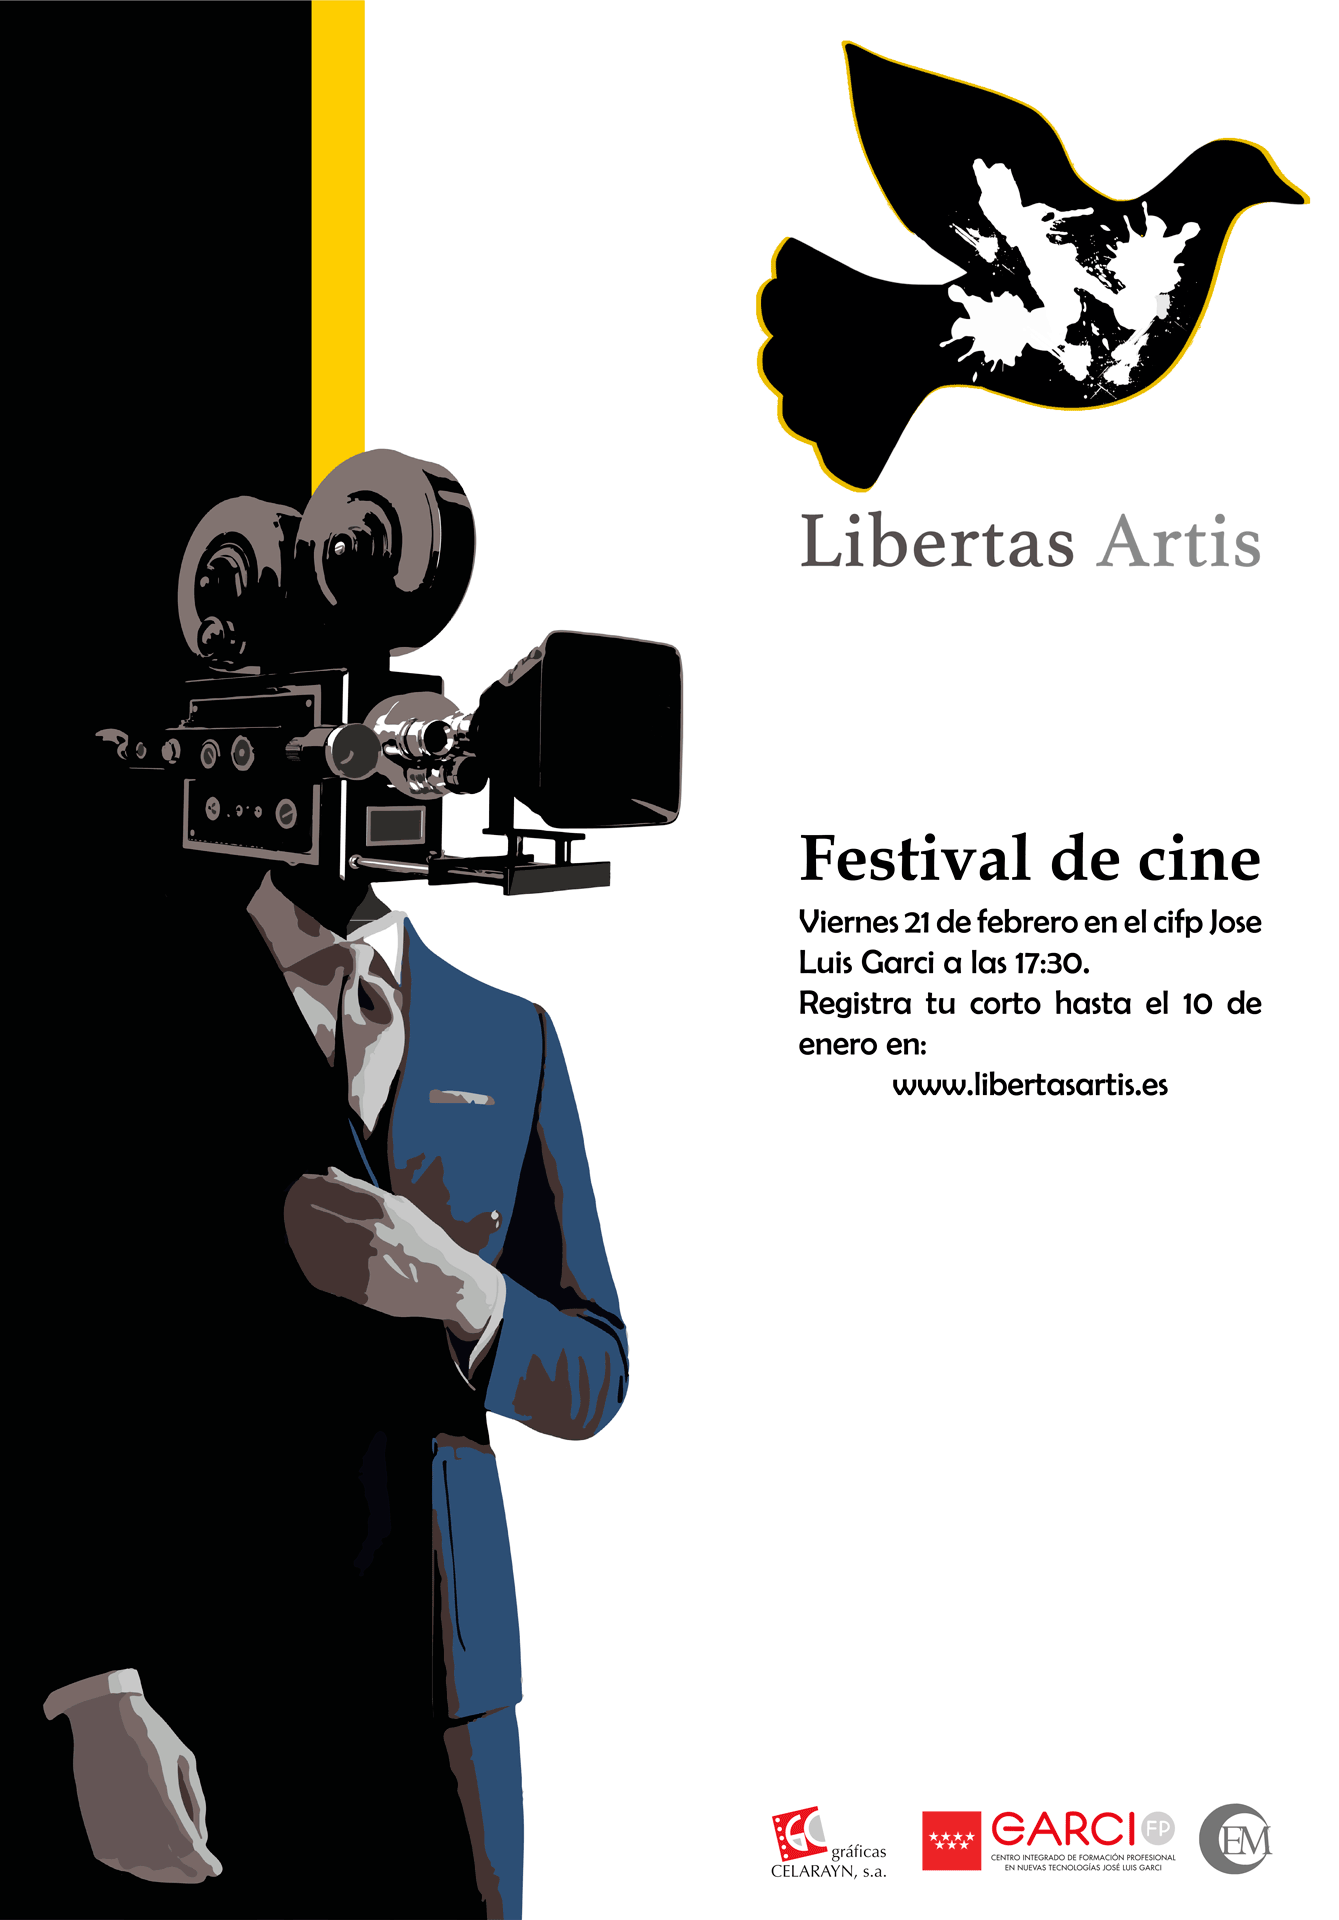 Cartel anunciador Festival de cine